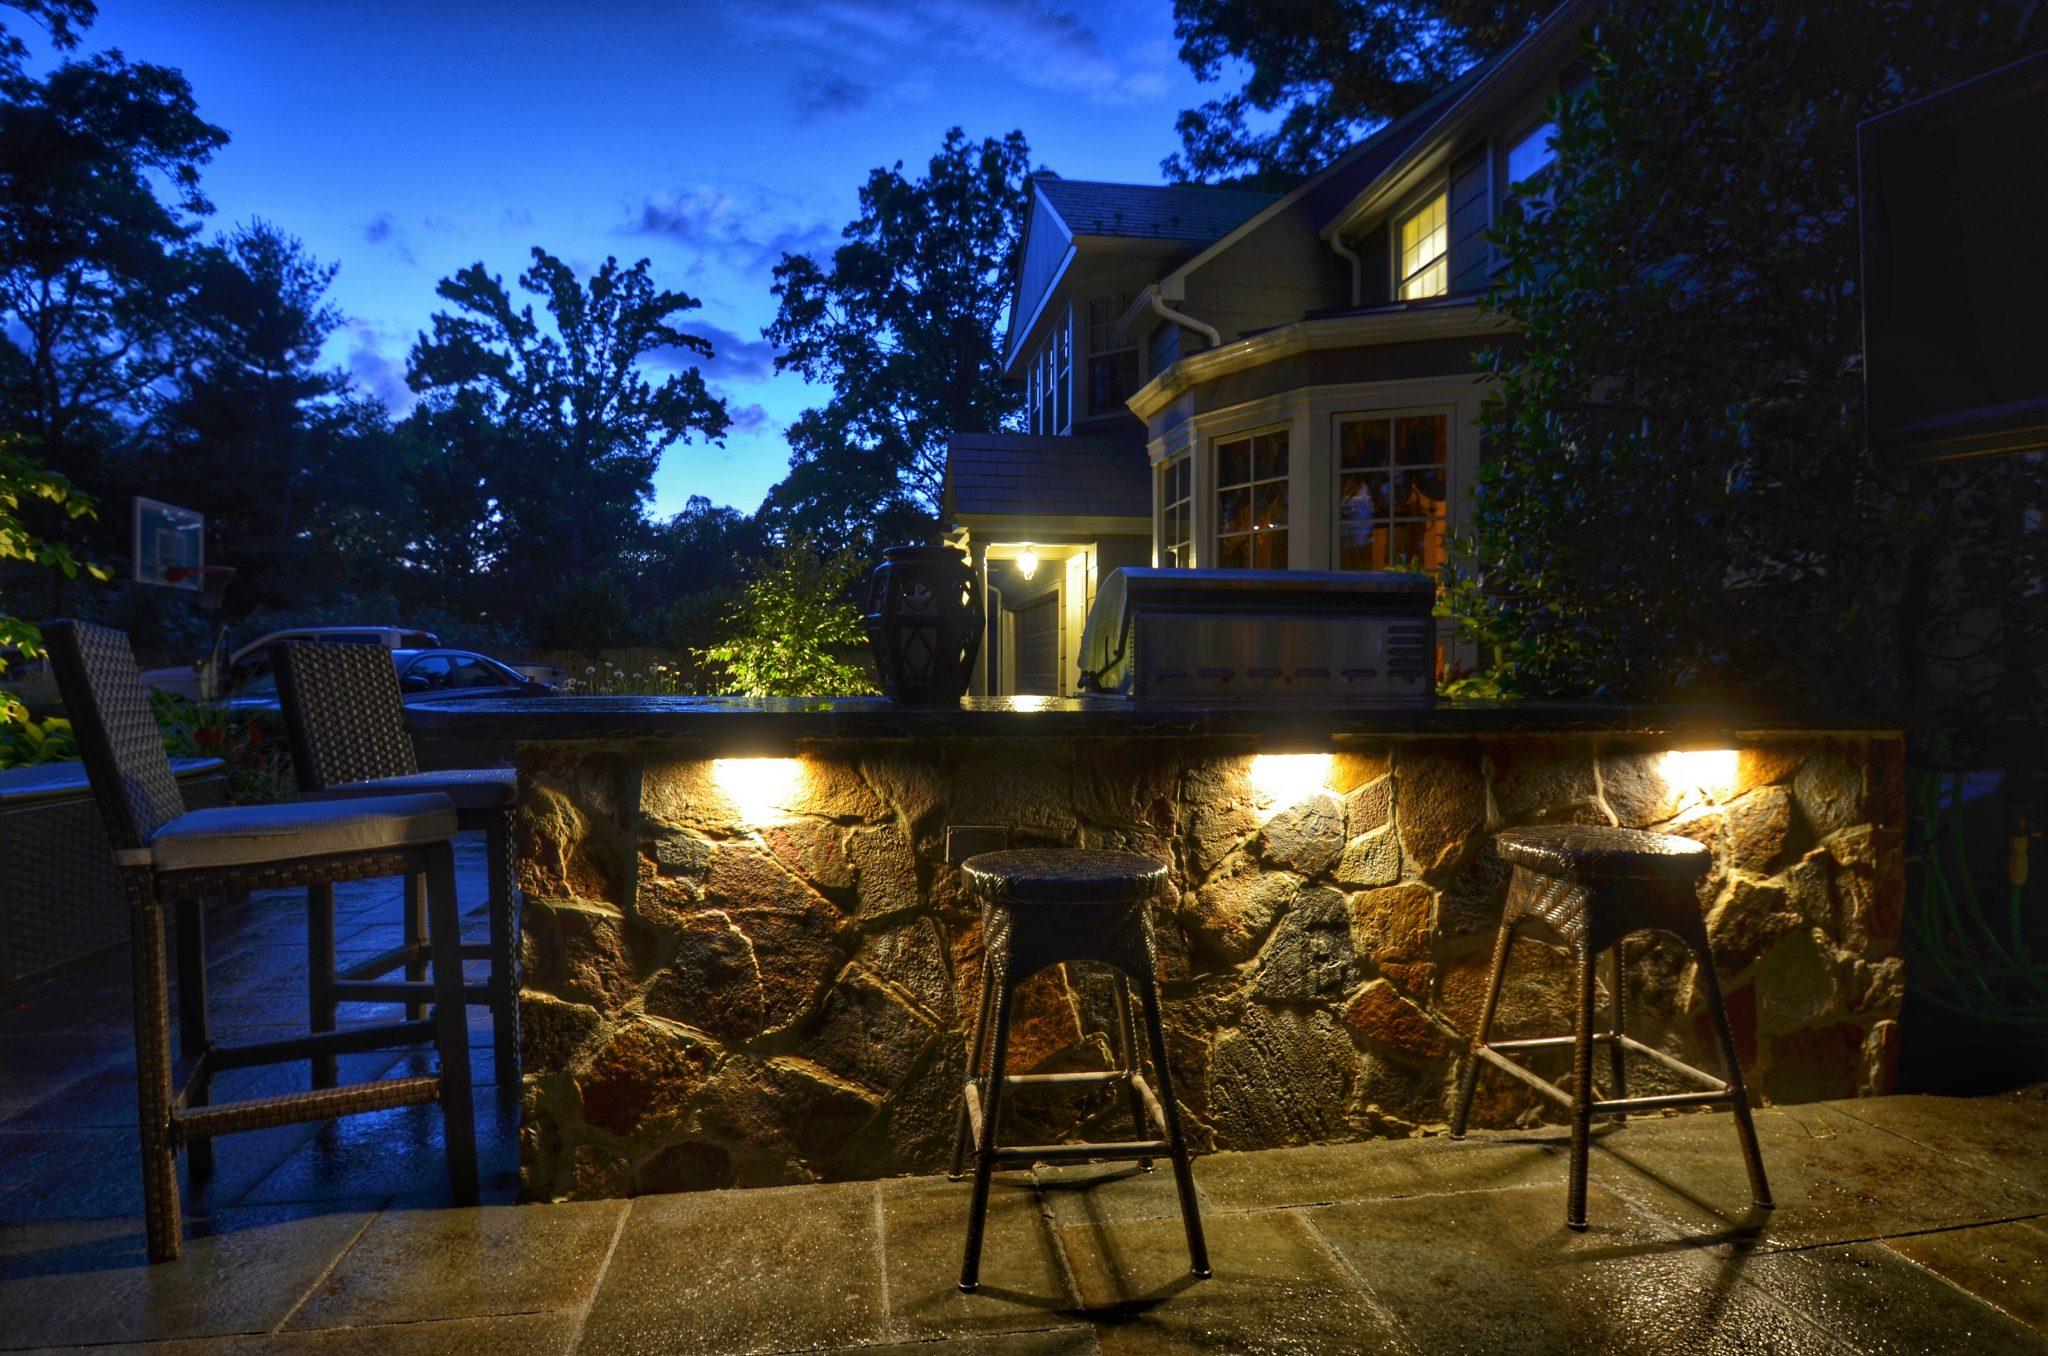 TOP 10 plantas de invierno para iluminar su balcón - Top inspirado